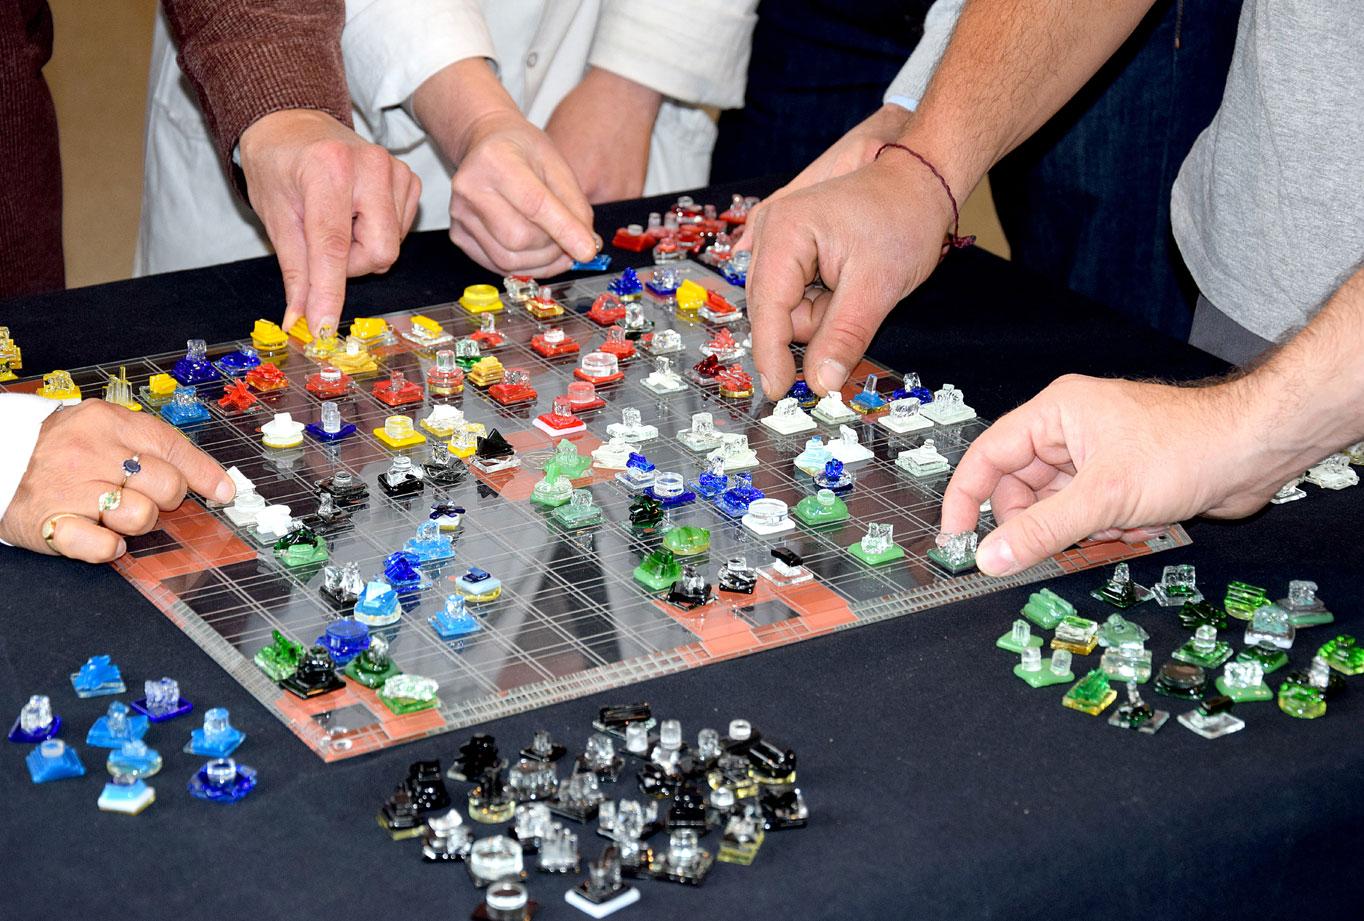 Le plateau est en verre gravé, sablé et laqué. Cet exemplaire unique du jeu Abak devrait rejoindre le futur Musée des mathématiques de Paris (ouverture prévue en 2020).